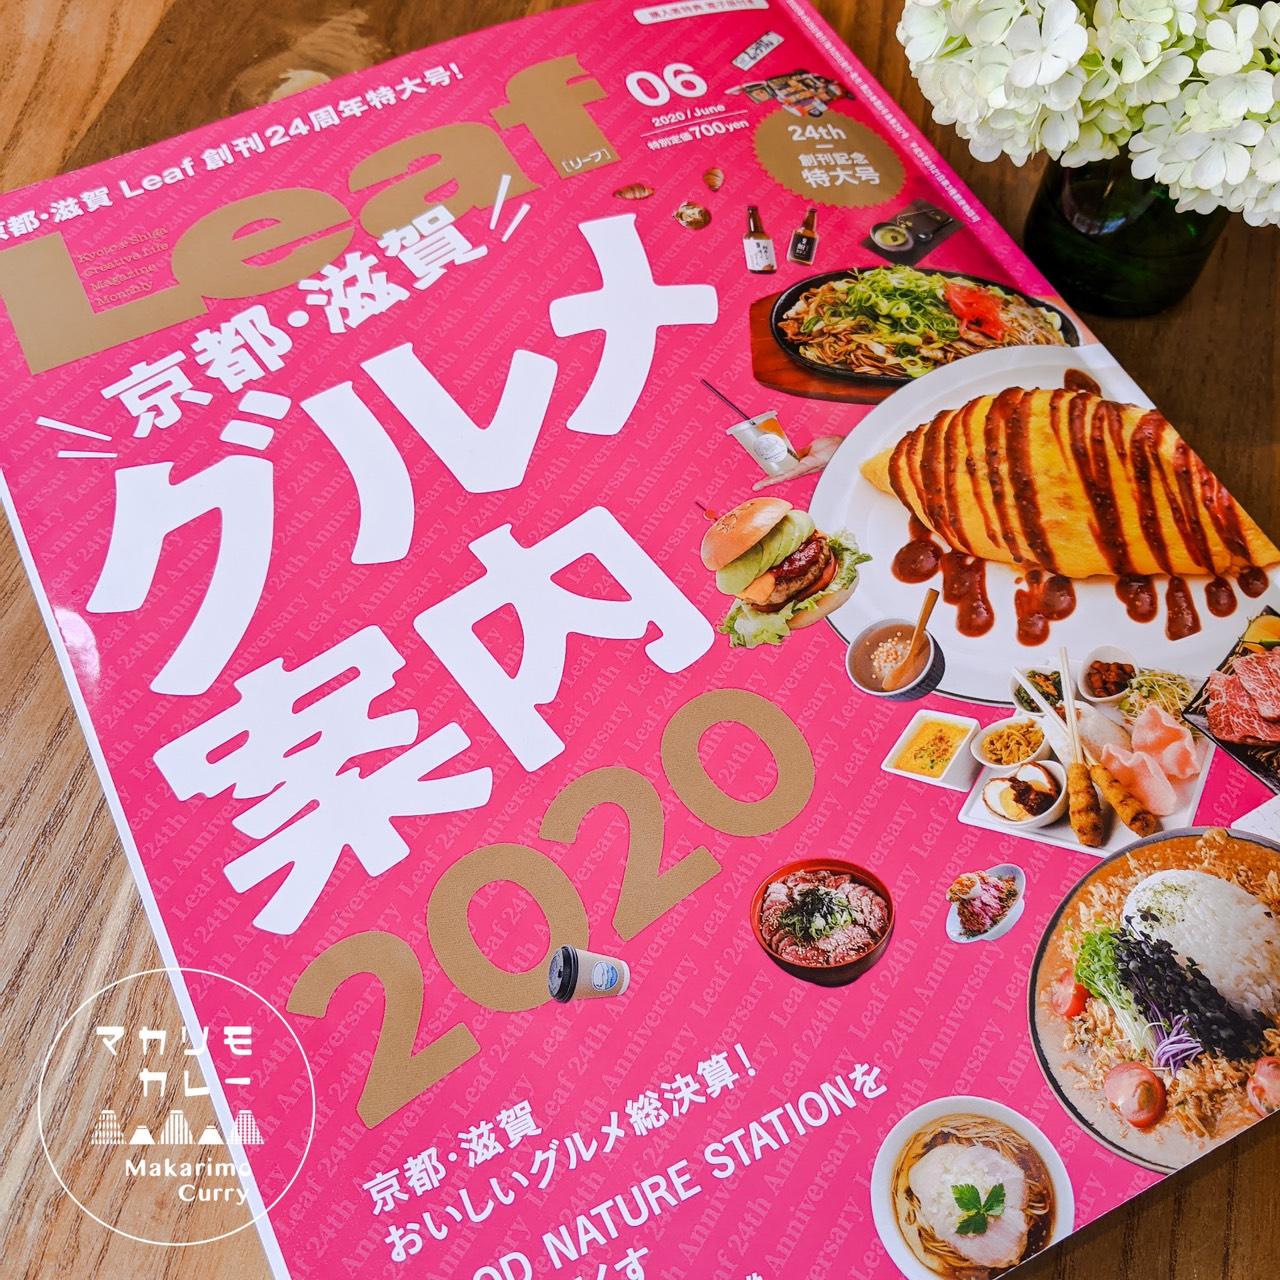 月刊 Leaf 創刊24周年特大号「京都・滋賀 おいしいグルメ案内2020」に掲載して頂きました!